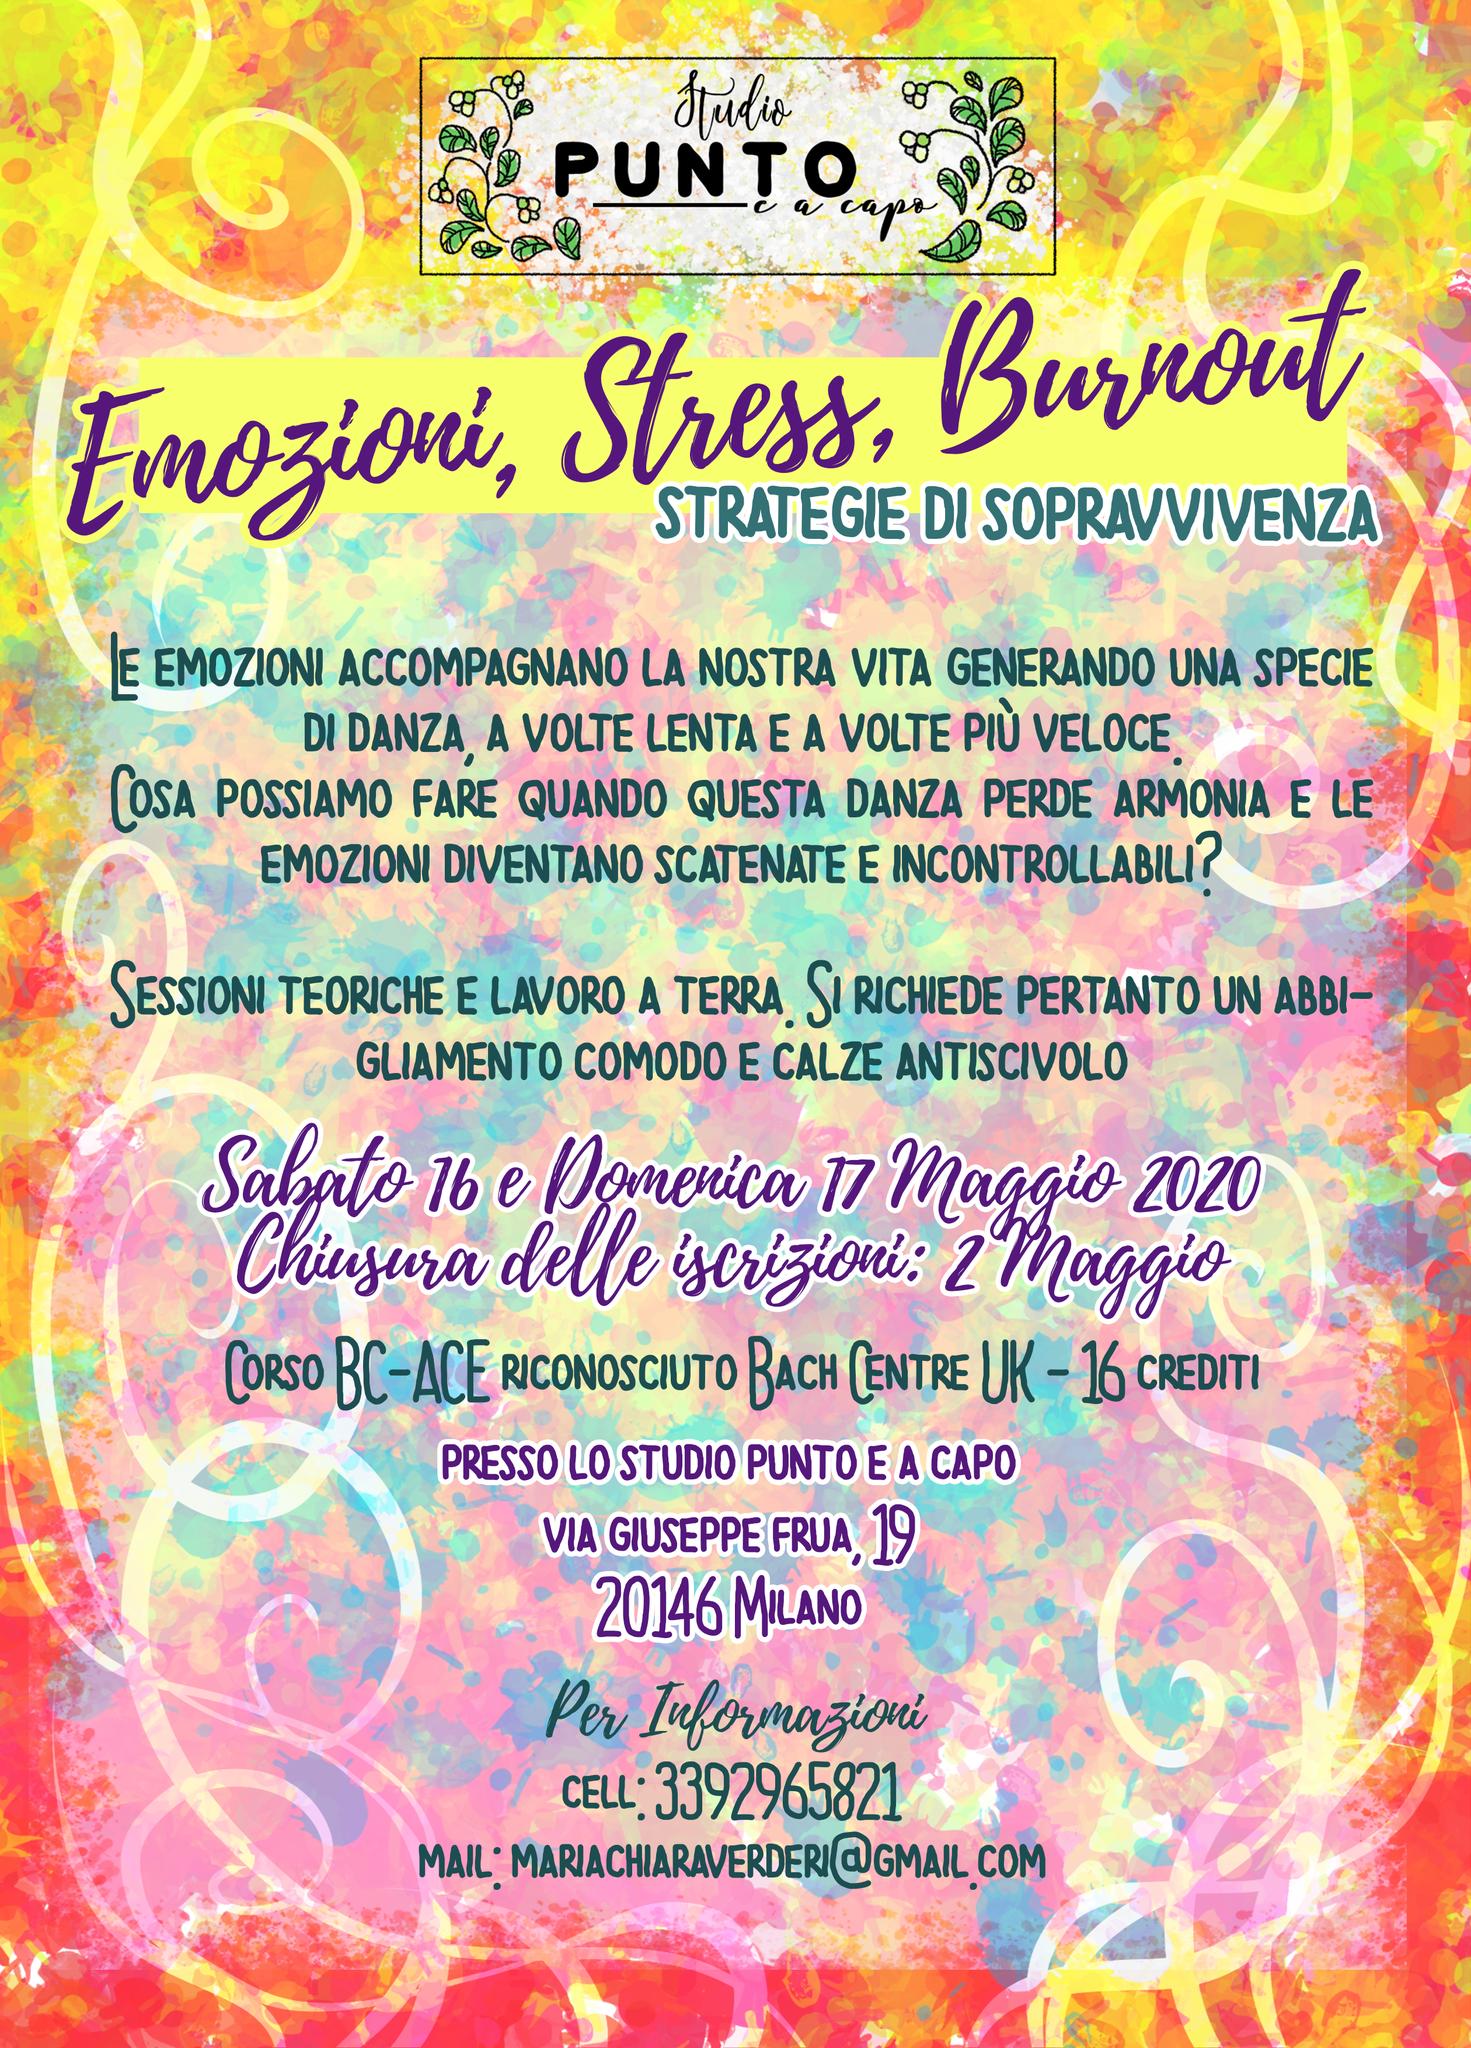 """Milano. RIMANDATO, Seminario BC ACE """"Emozioni, Stress, Burnout - Strategie di sopravvivenza"""" con Maria Chiara Verderi"""